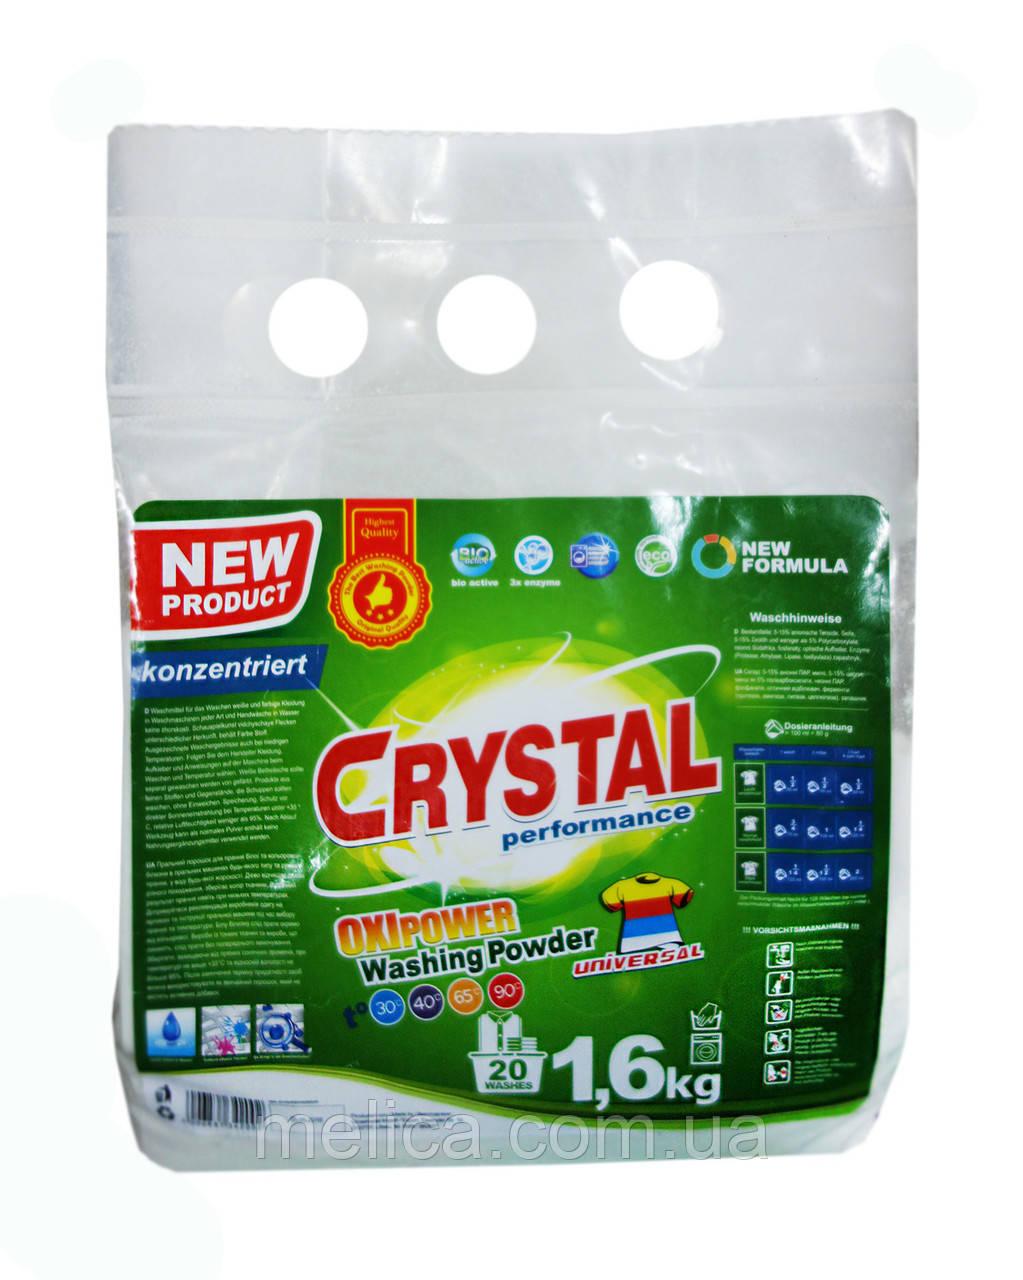 Универсальный стиральный порошок Crystal Performance Universal - 1,6 кг.